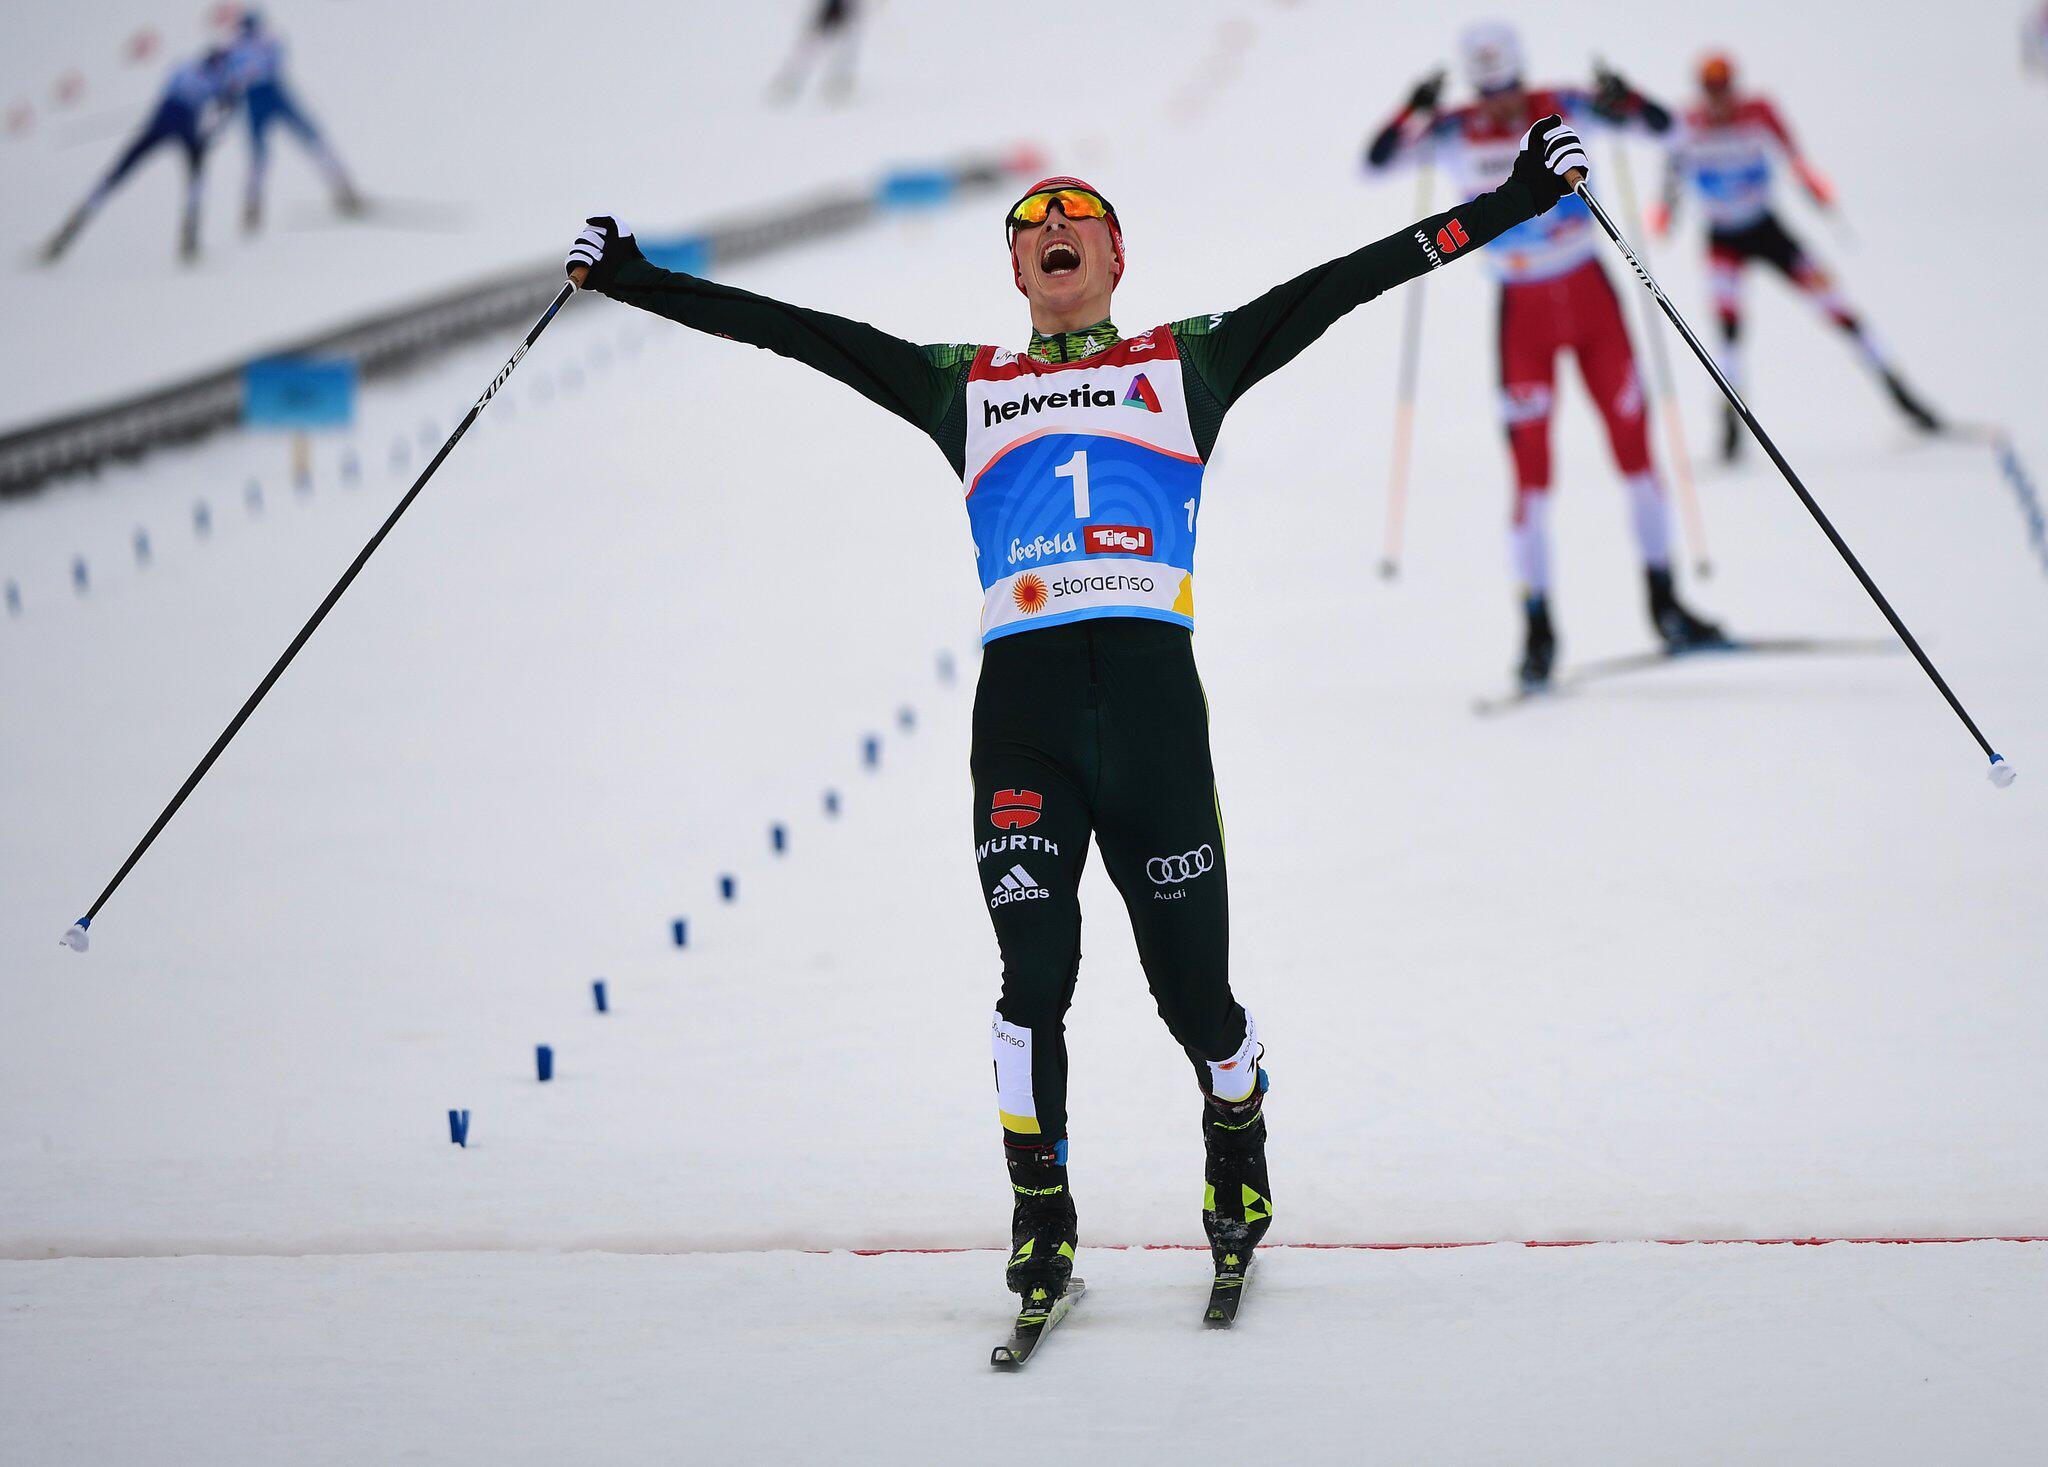 Bild zu Nordische Ski-WM, Ski-WM, Seefeld, Eric Frenzel, Nordische Kombination